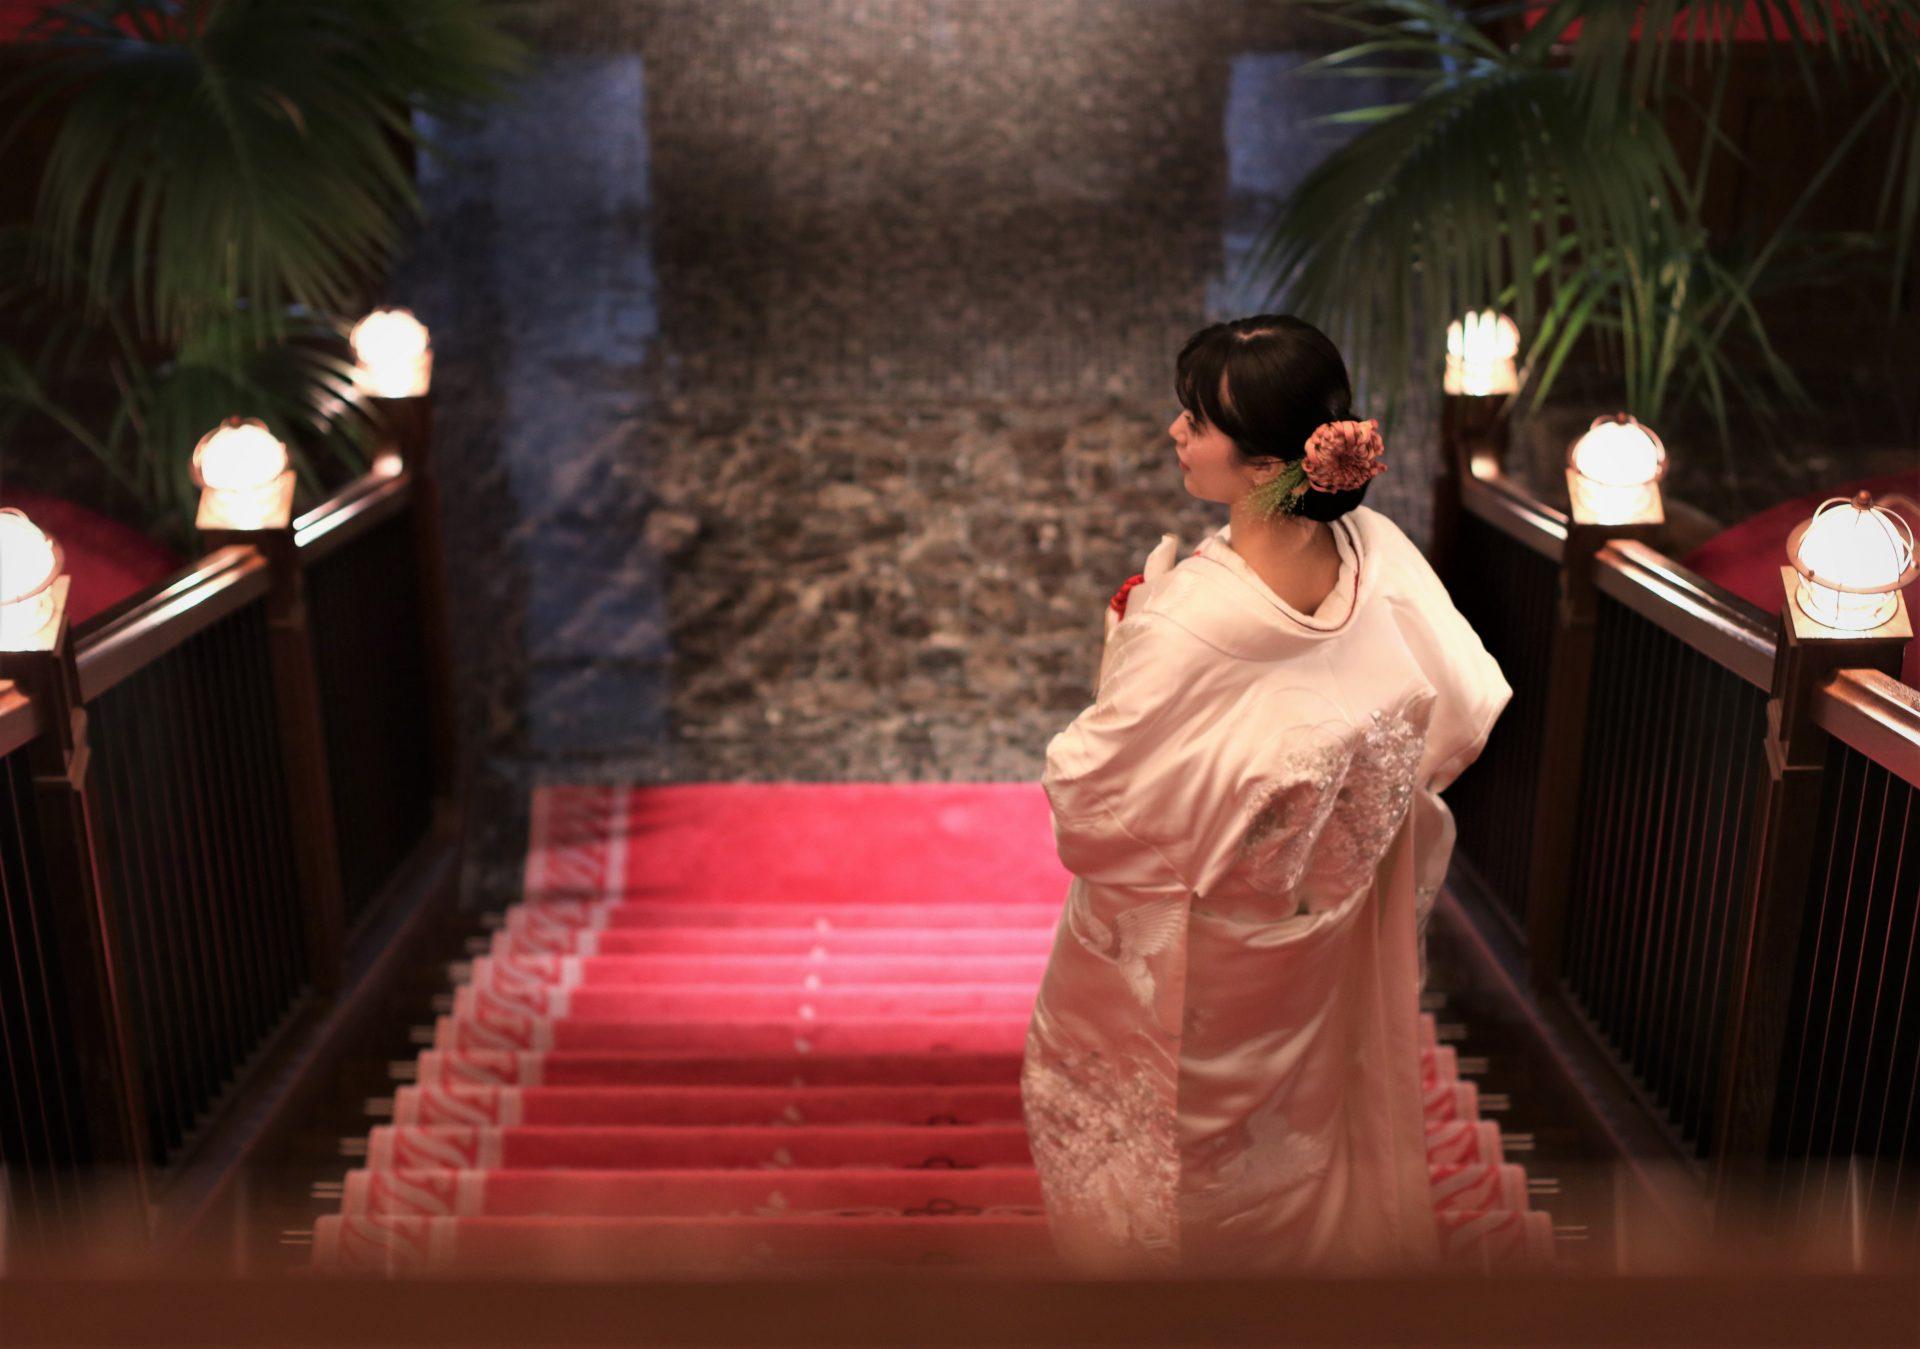 ザコンダーハウスの大階段に白無垢のコーディネート